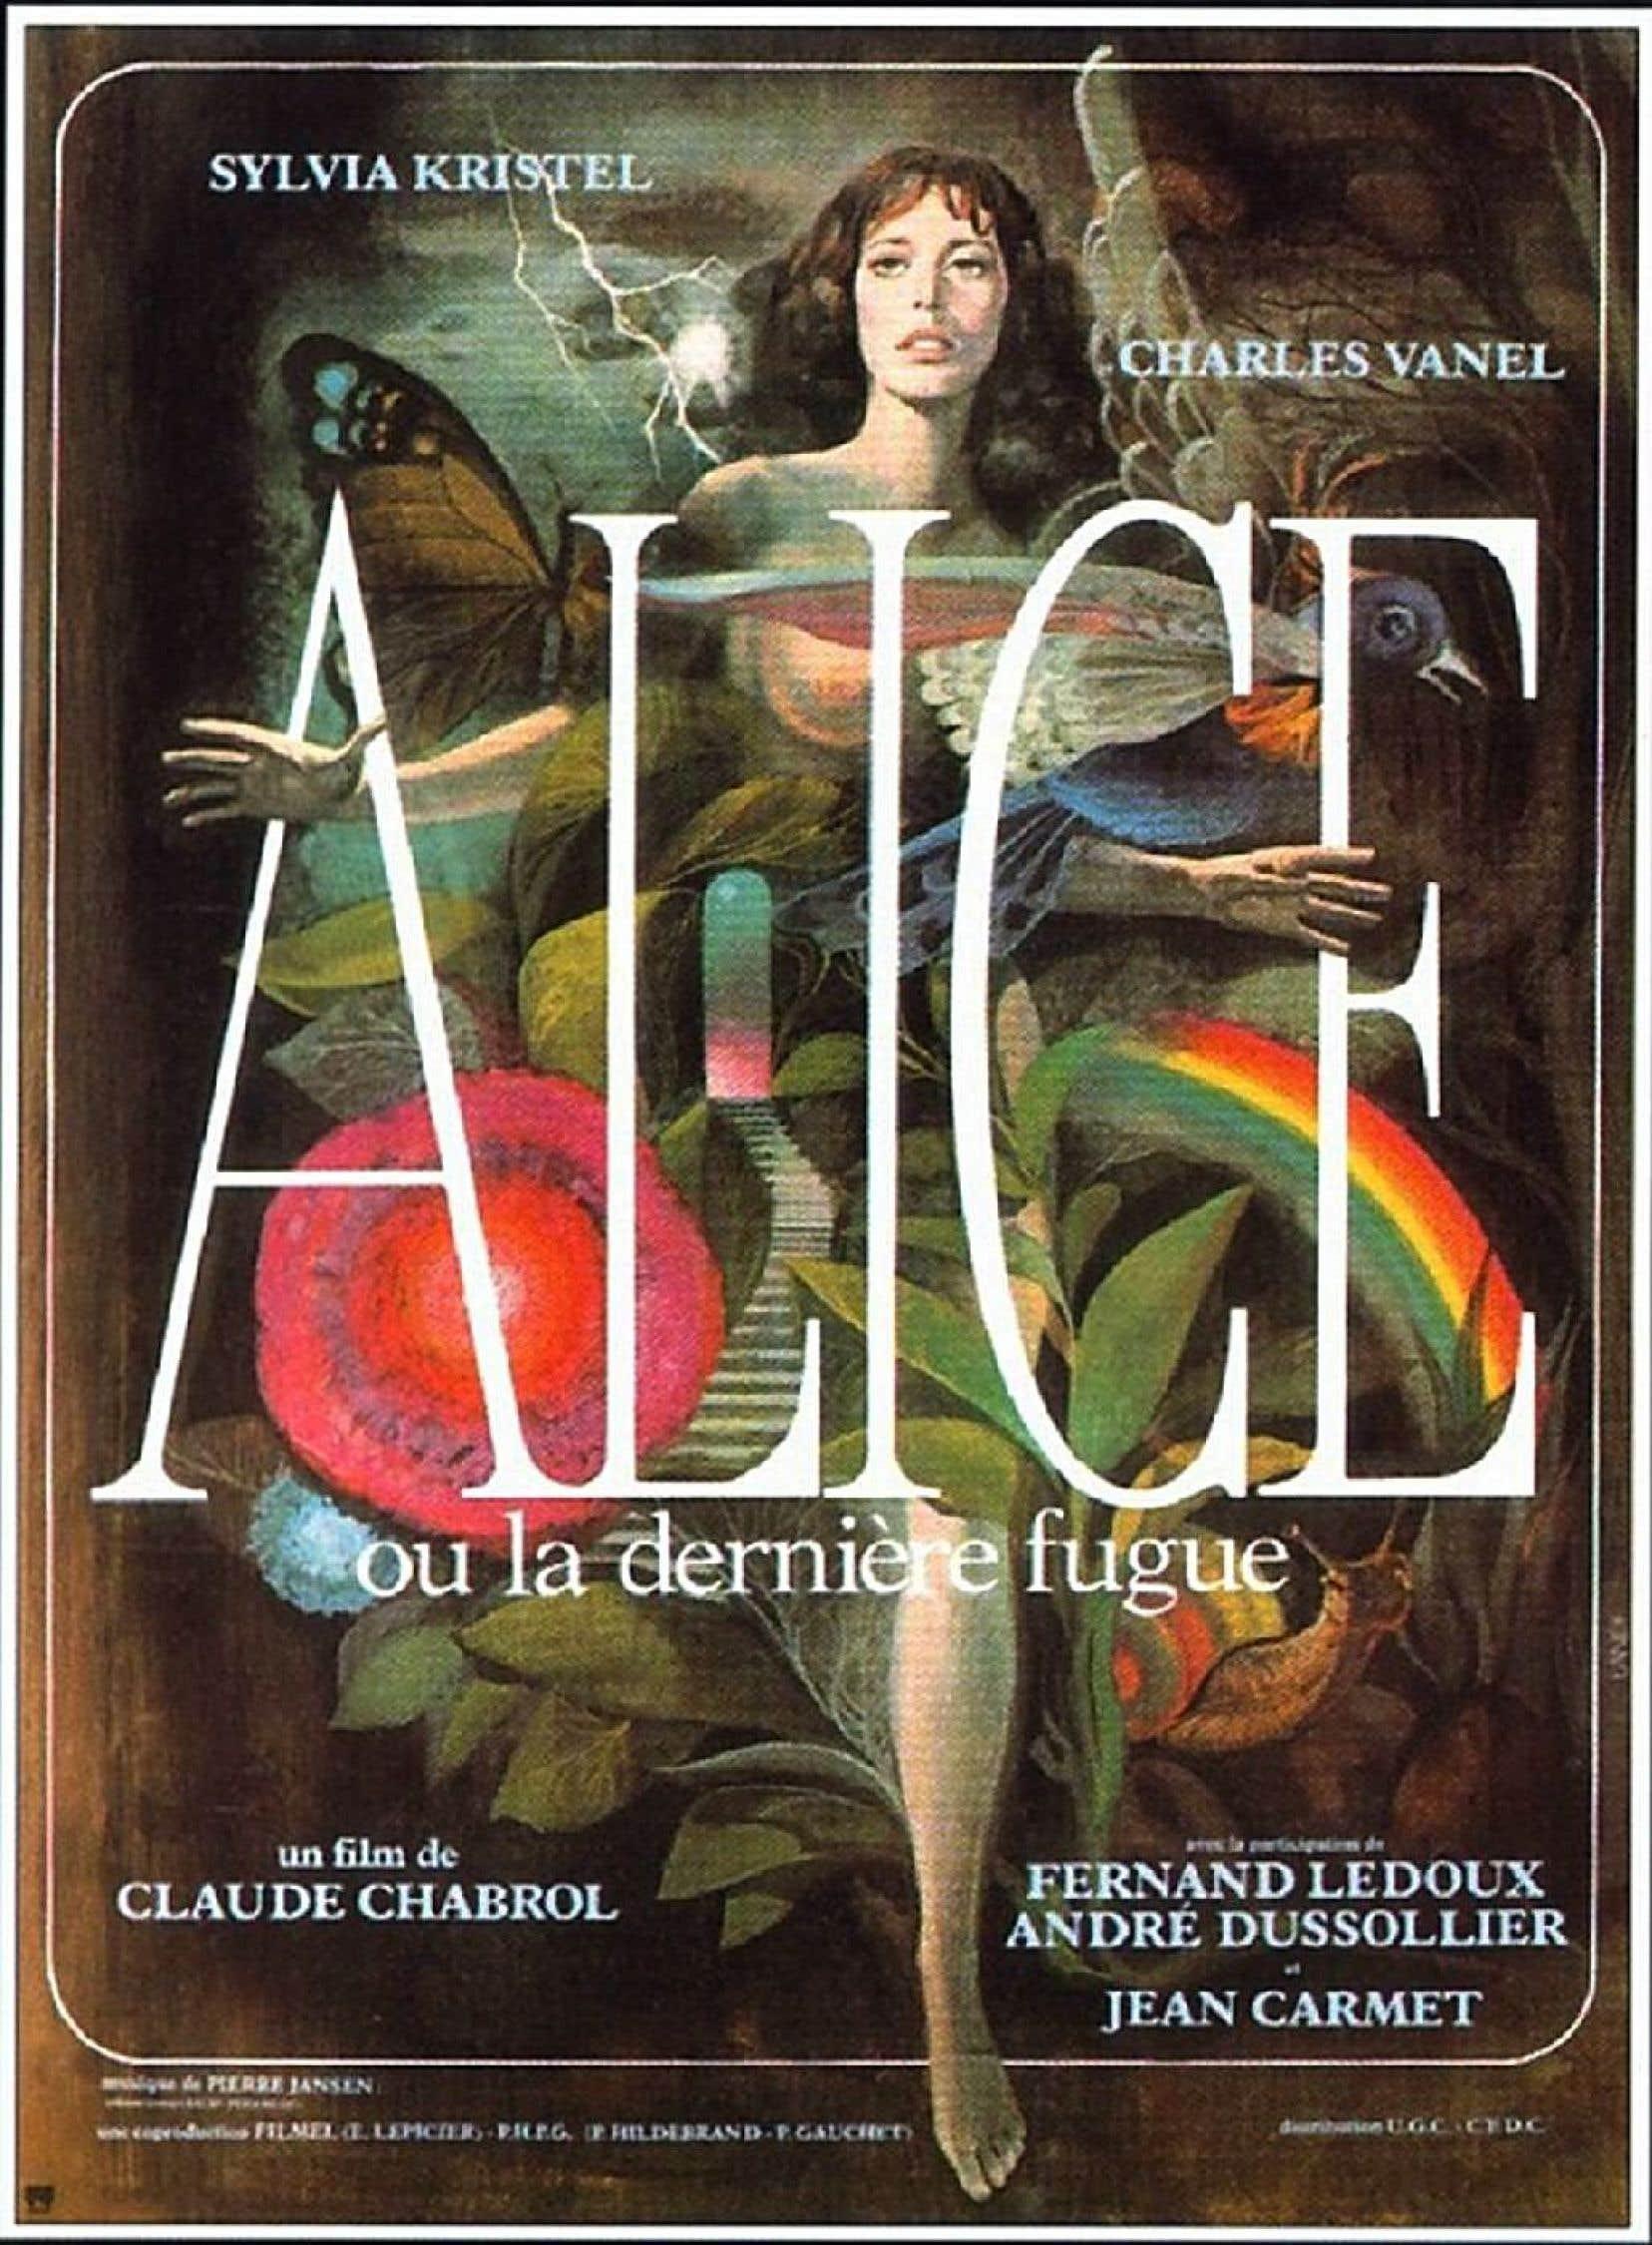 Affiche originale d'«Alice ou la dernière fugue», de Claude Chabrol, créée par Michel Landi